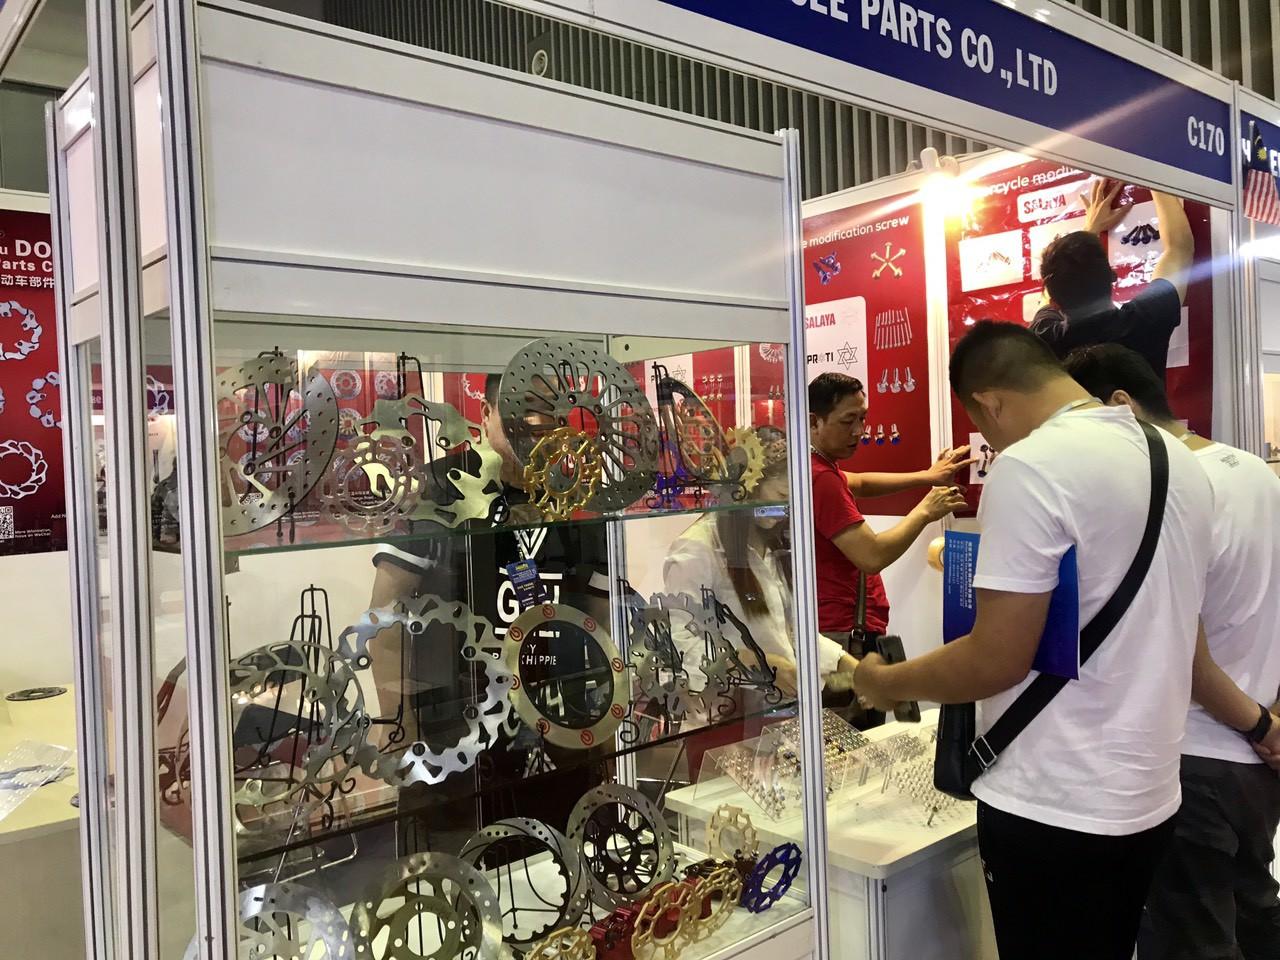 Tỉ lệ nội địa hóa sản phẩm công nghiệp hỗ trợ mới chỉ đạt 10 – 15%, doanh nghiệp Việt tìm cú hích mới - Ảnh 3.